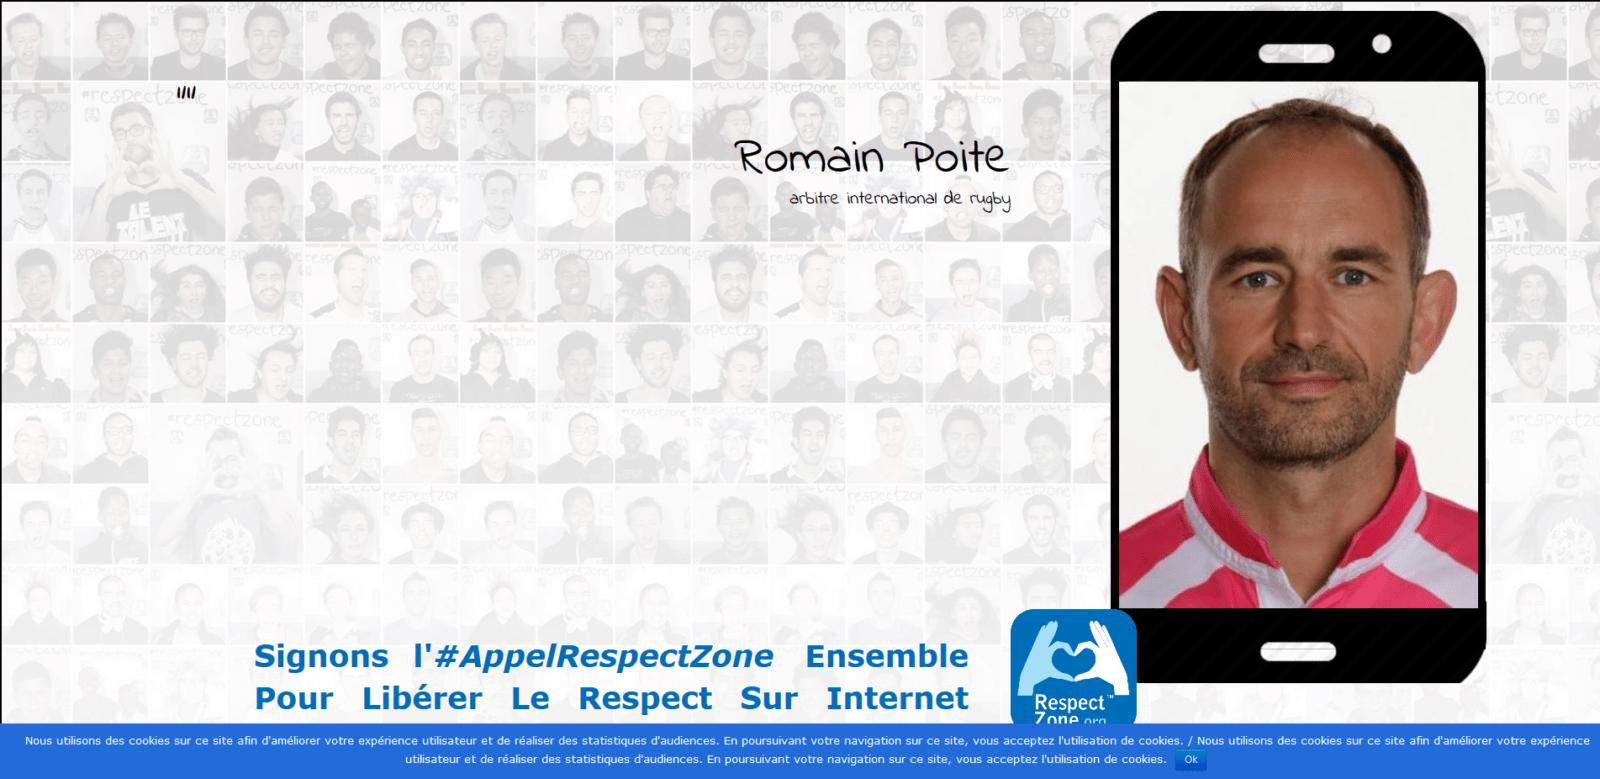 Romain Poite